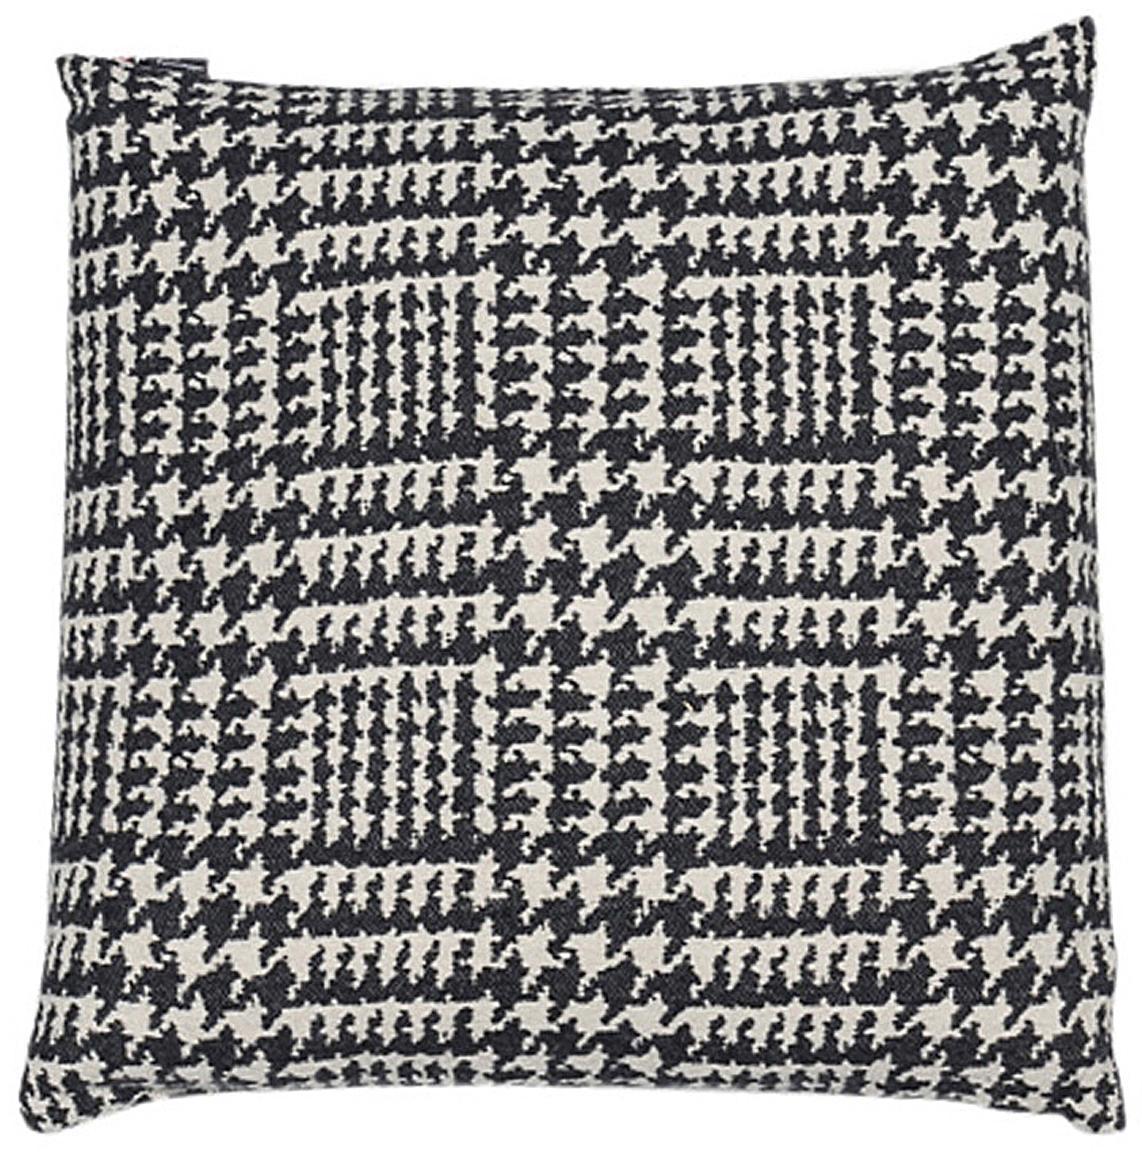 Poduszka z wypełnieniem Glencheck, Tapicerka: 85% bawełna, 8% wiskoza, , Czarny, biały, S 50 x D 50 cm